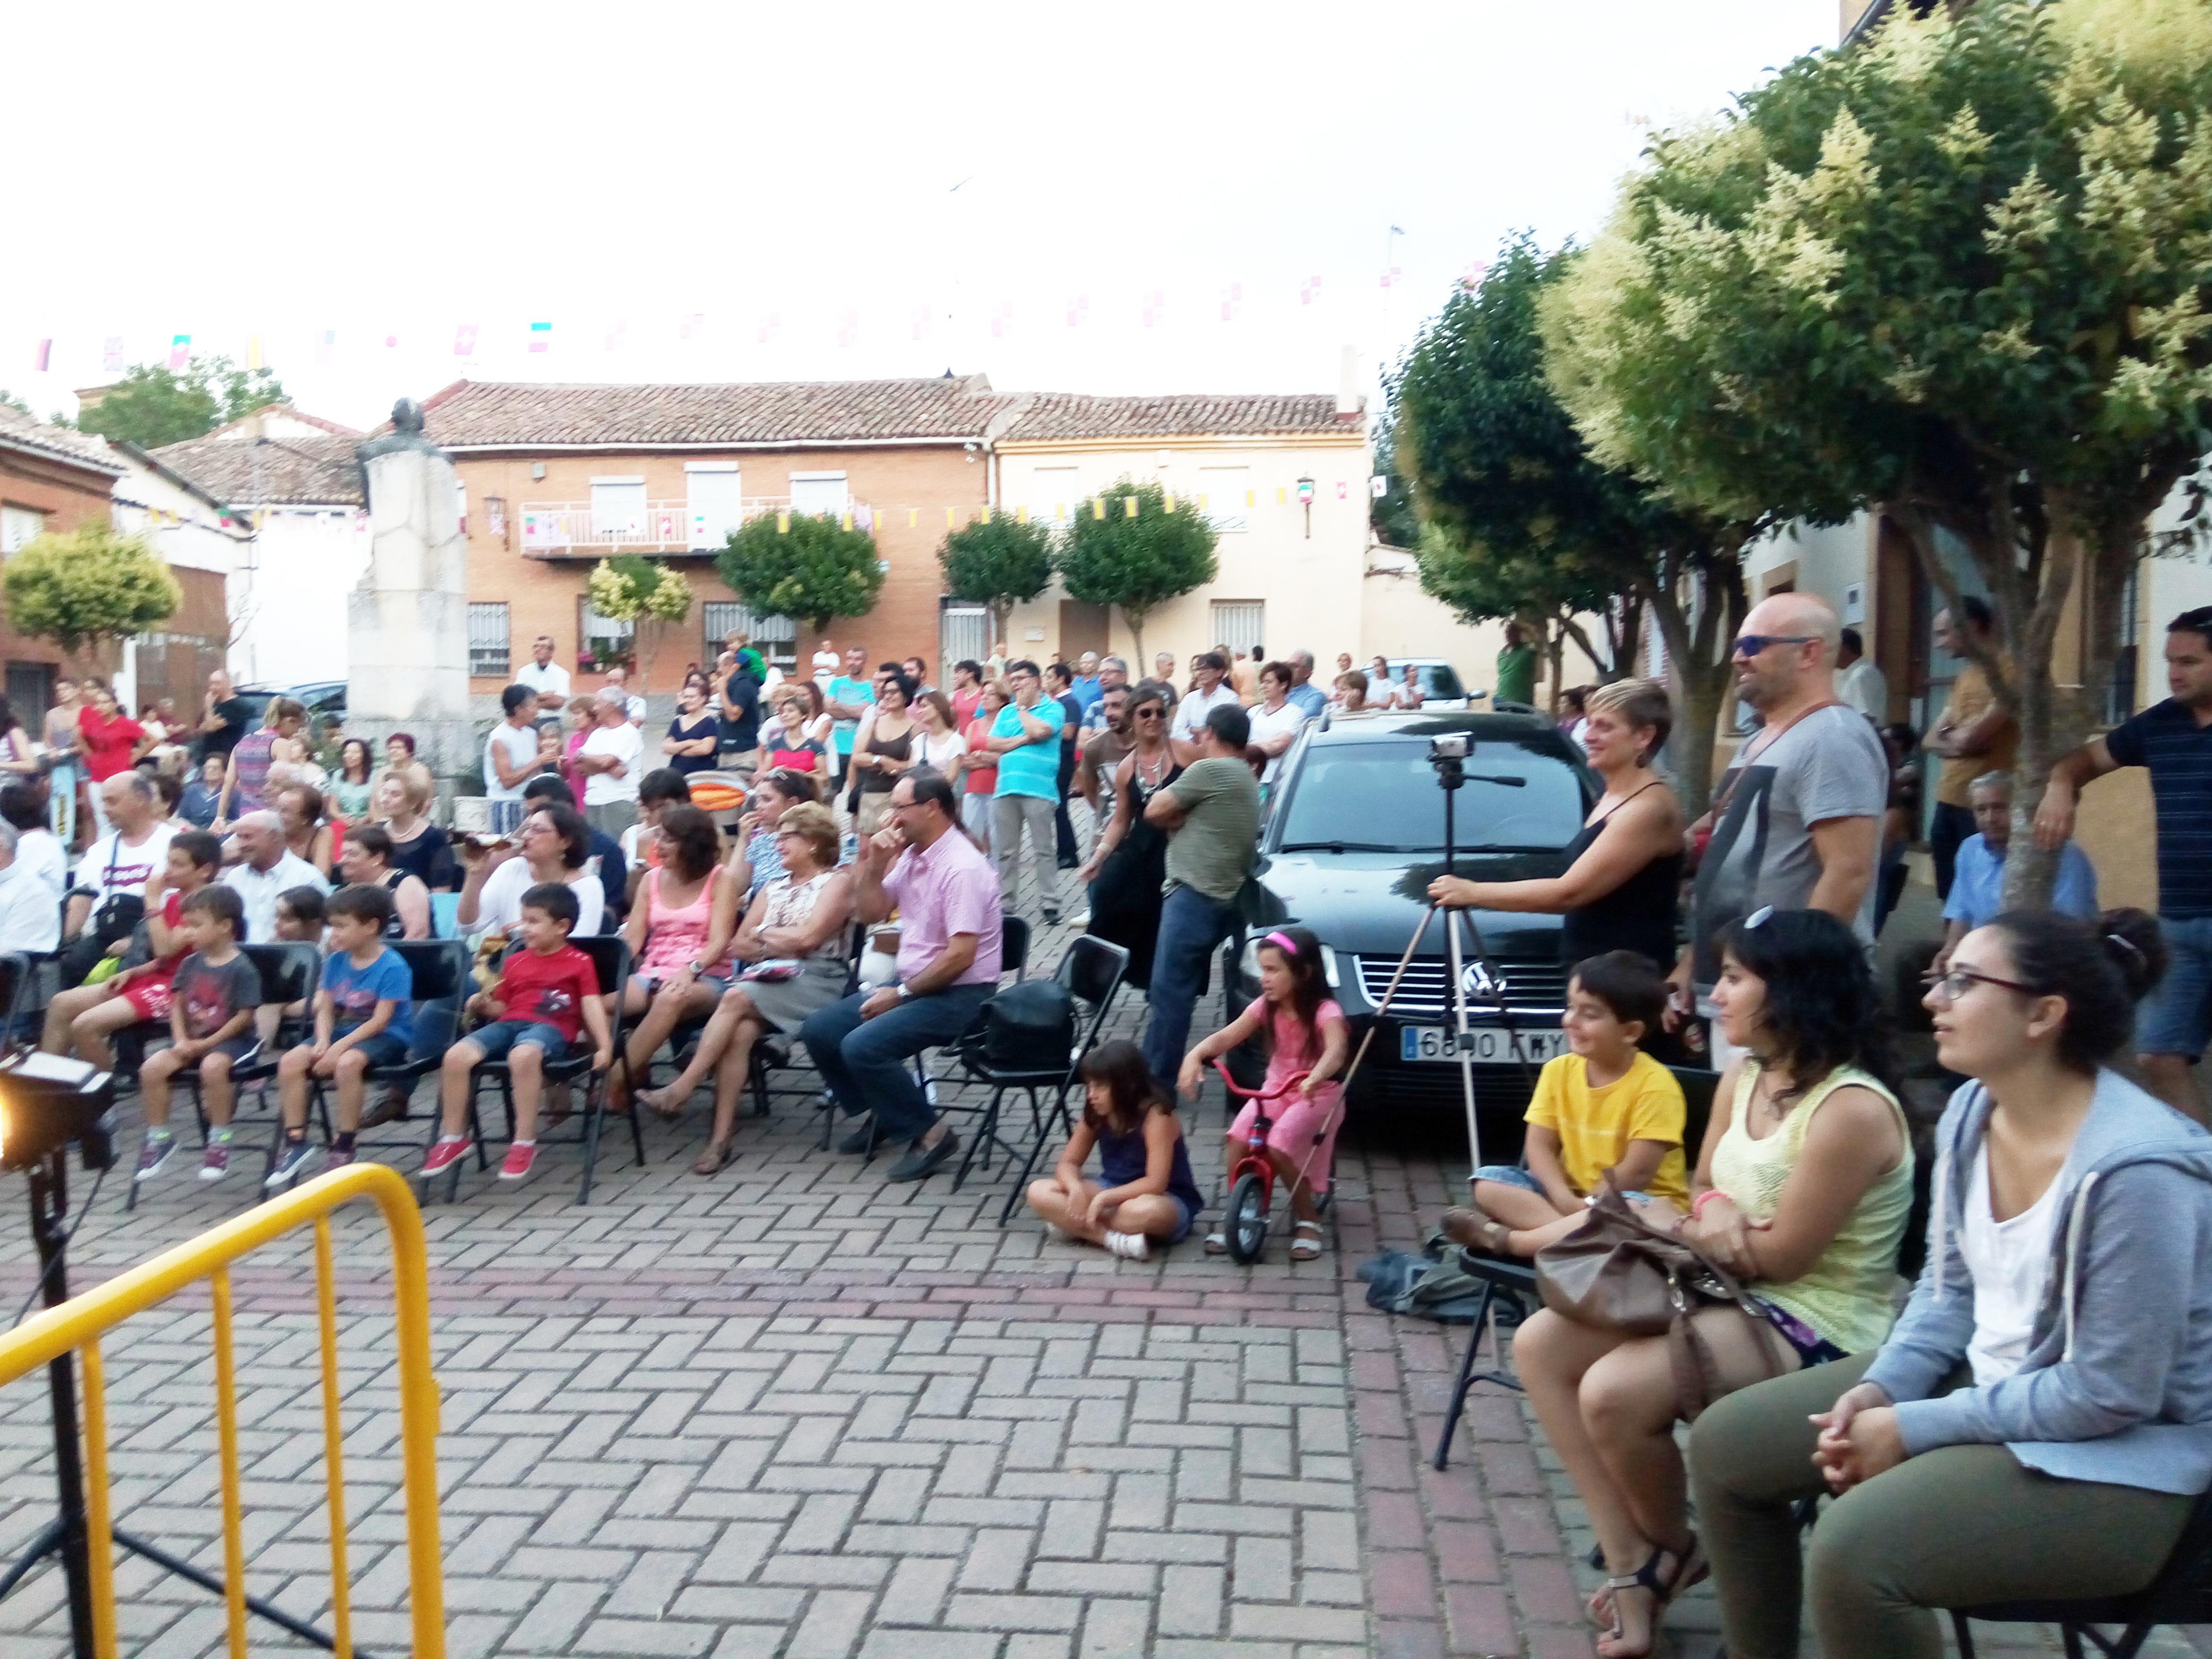 Garrapette 2016 (7)